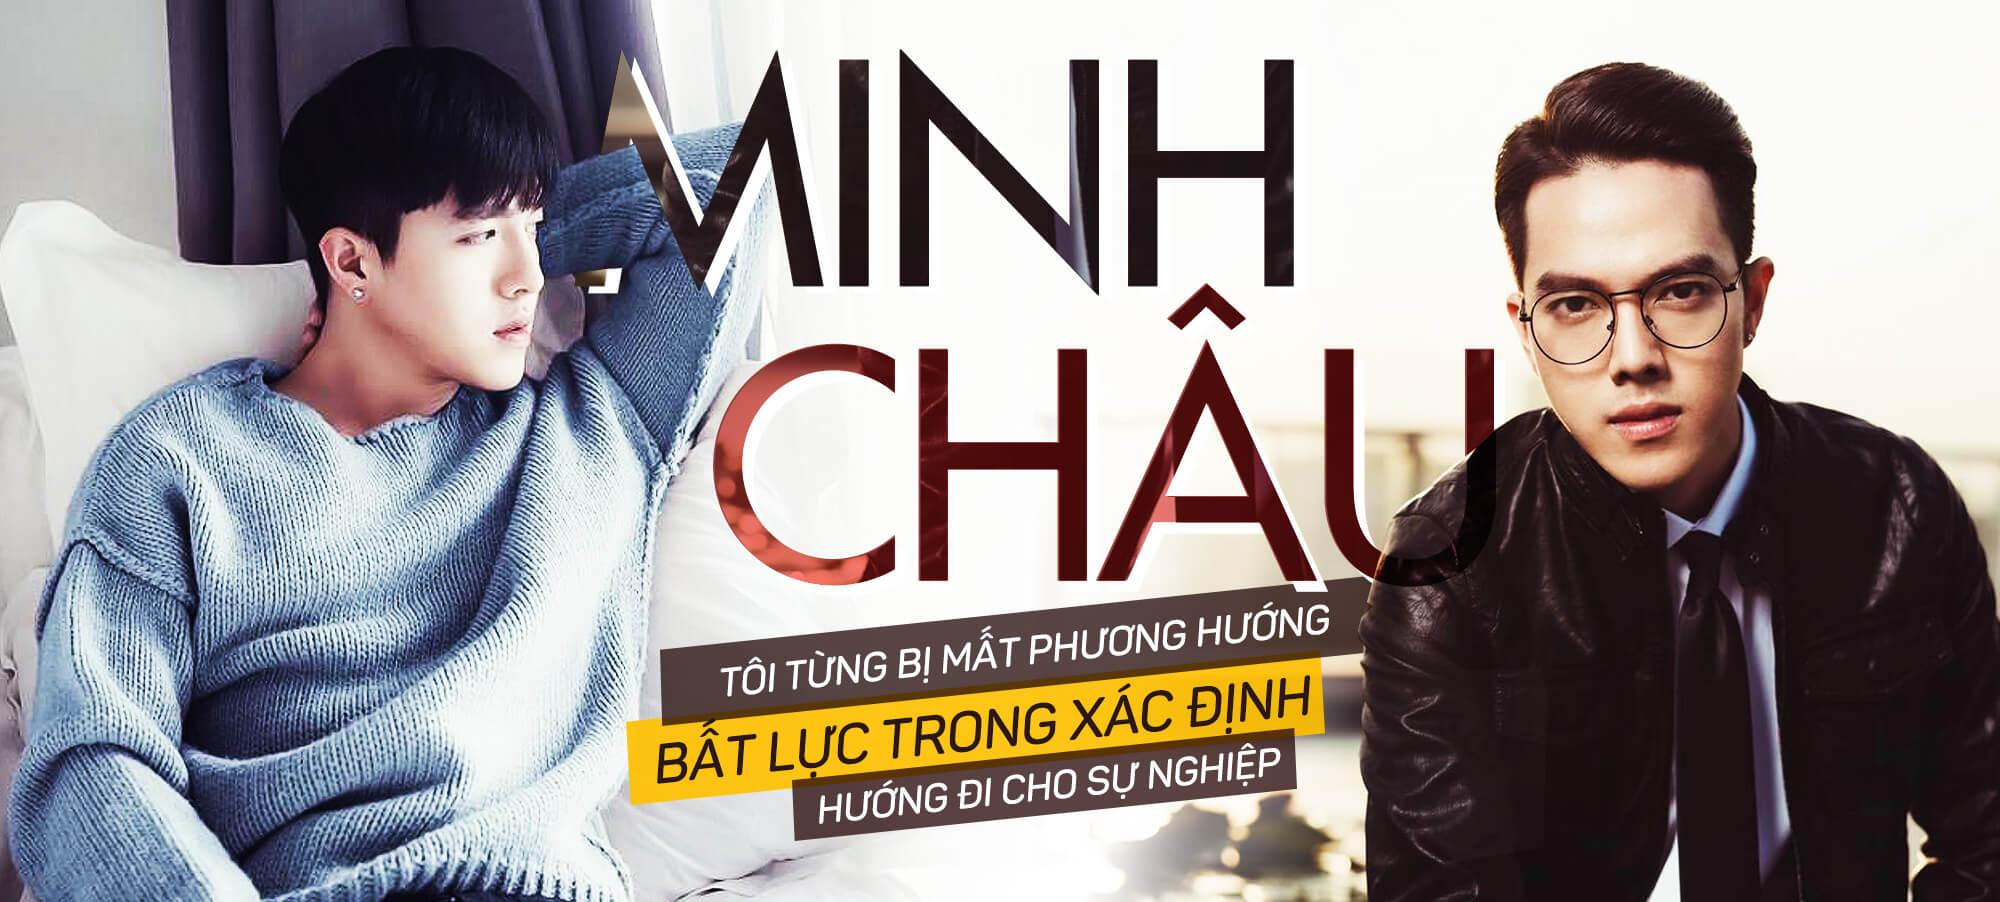 ĐỘC QUYỀN: Hot boy Minh Châu gửi lời chúc ý nghĩa đến độc giả 2Sao nhân ngày 8/3-1